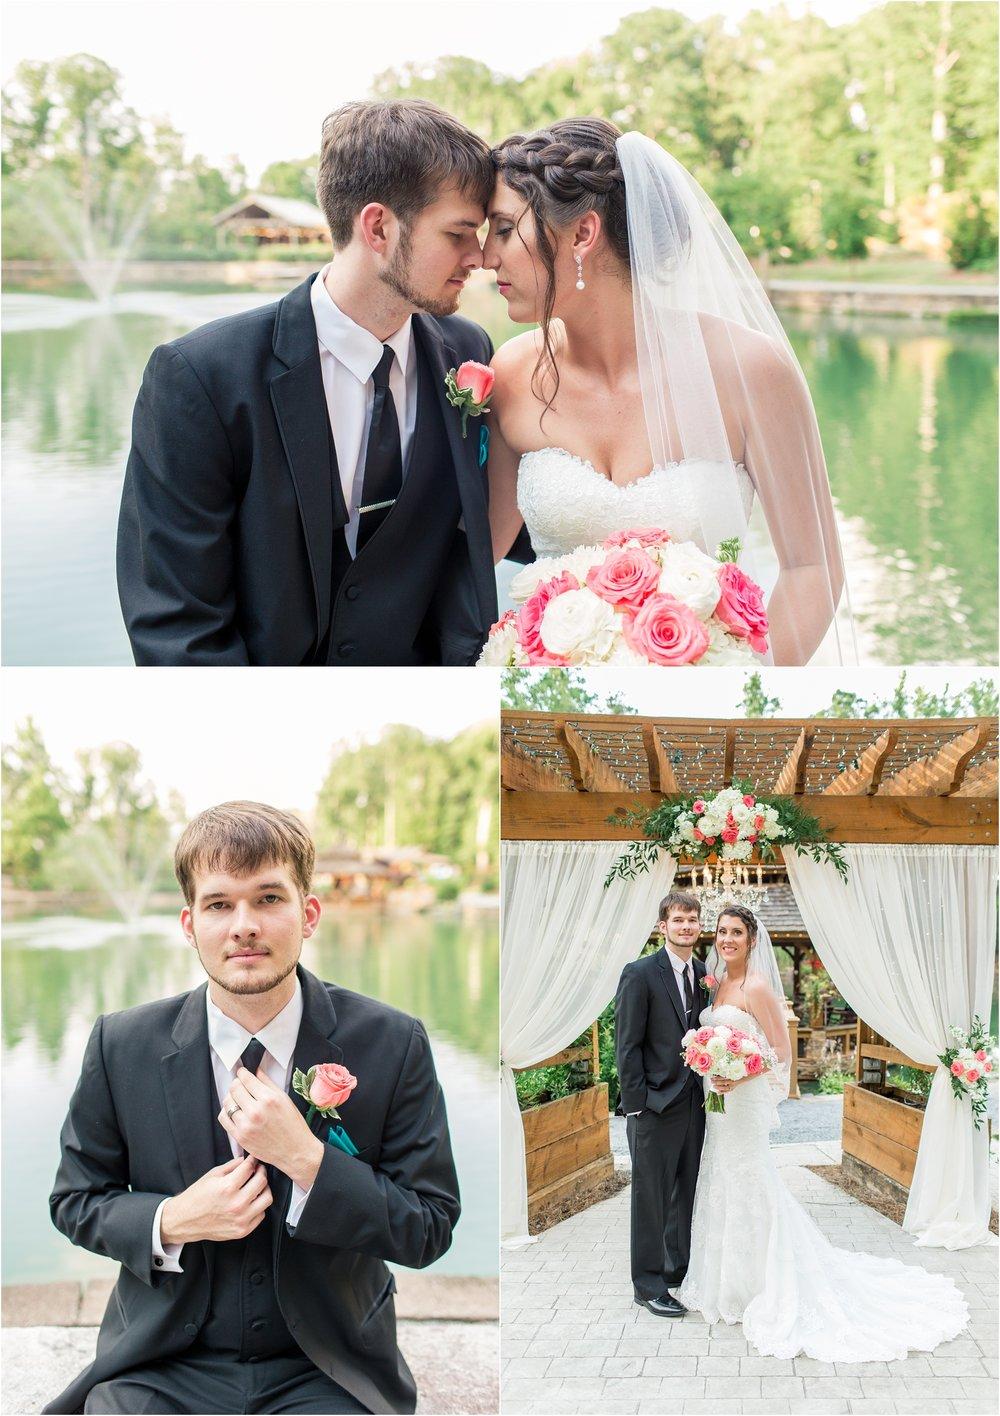 Savannah Eve Photography- Roberts-Brown Wedding- Sneak Peek-71.jpg